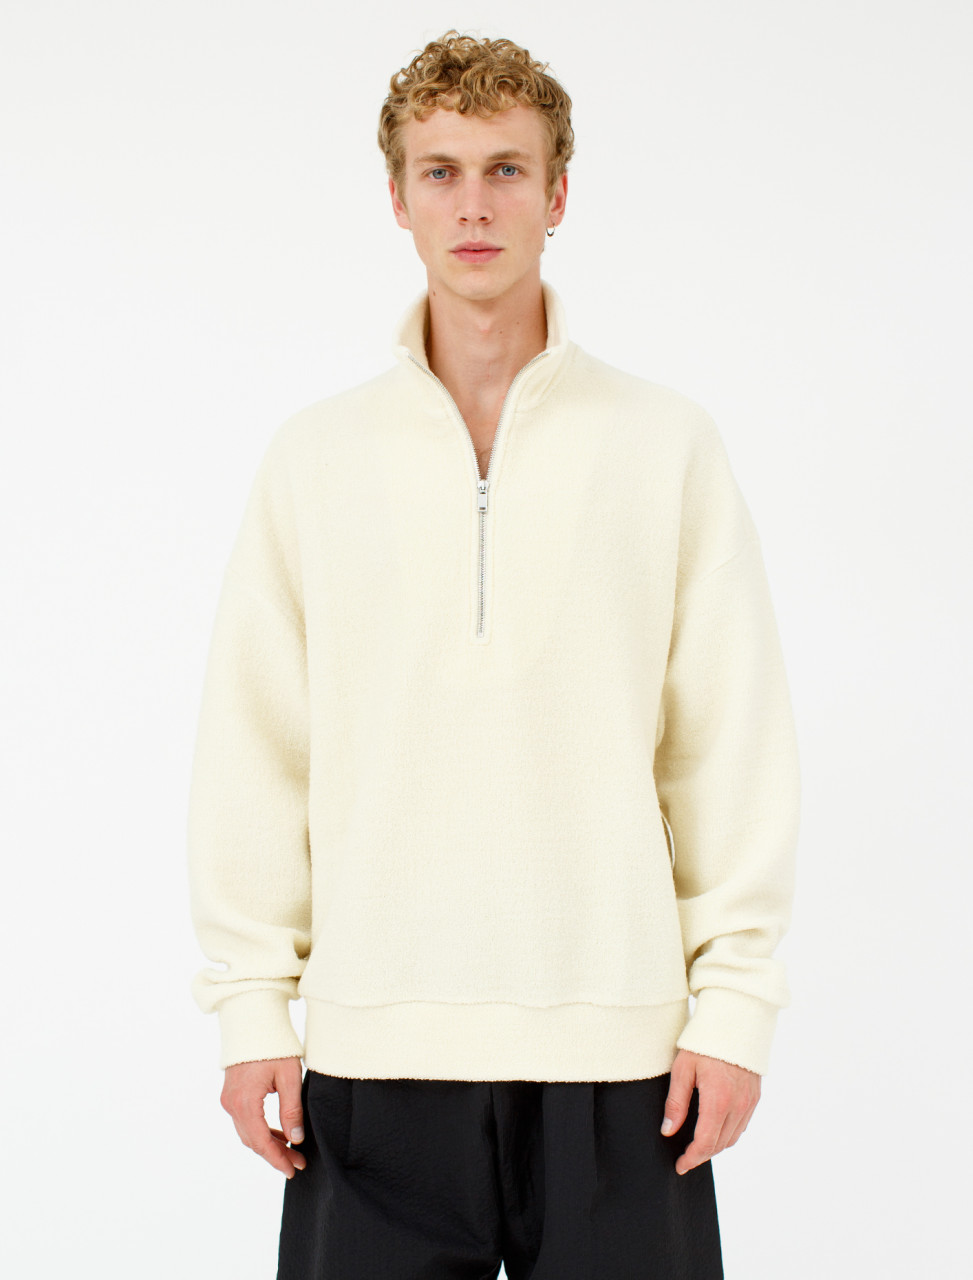 Longsleeve Sweatshirt